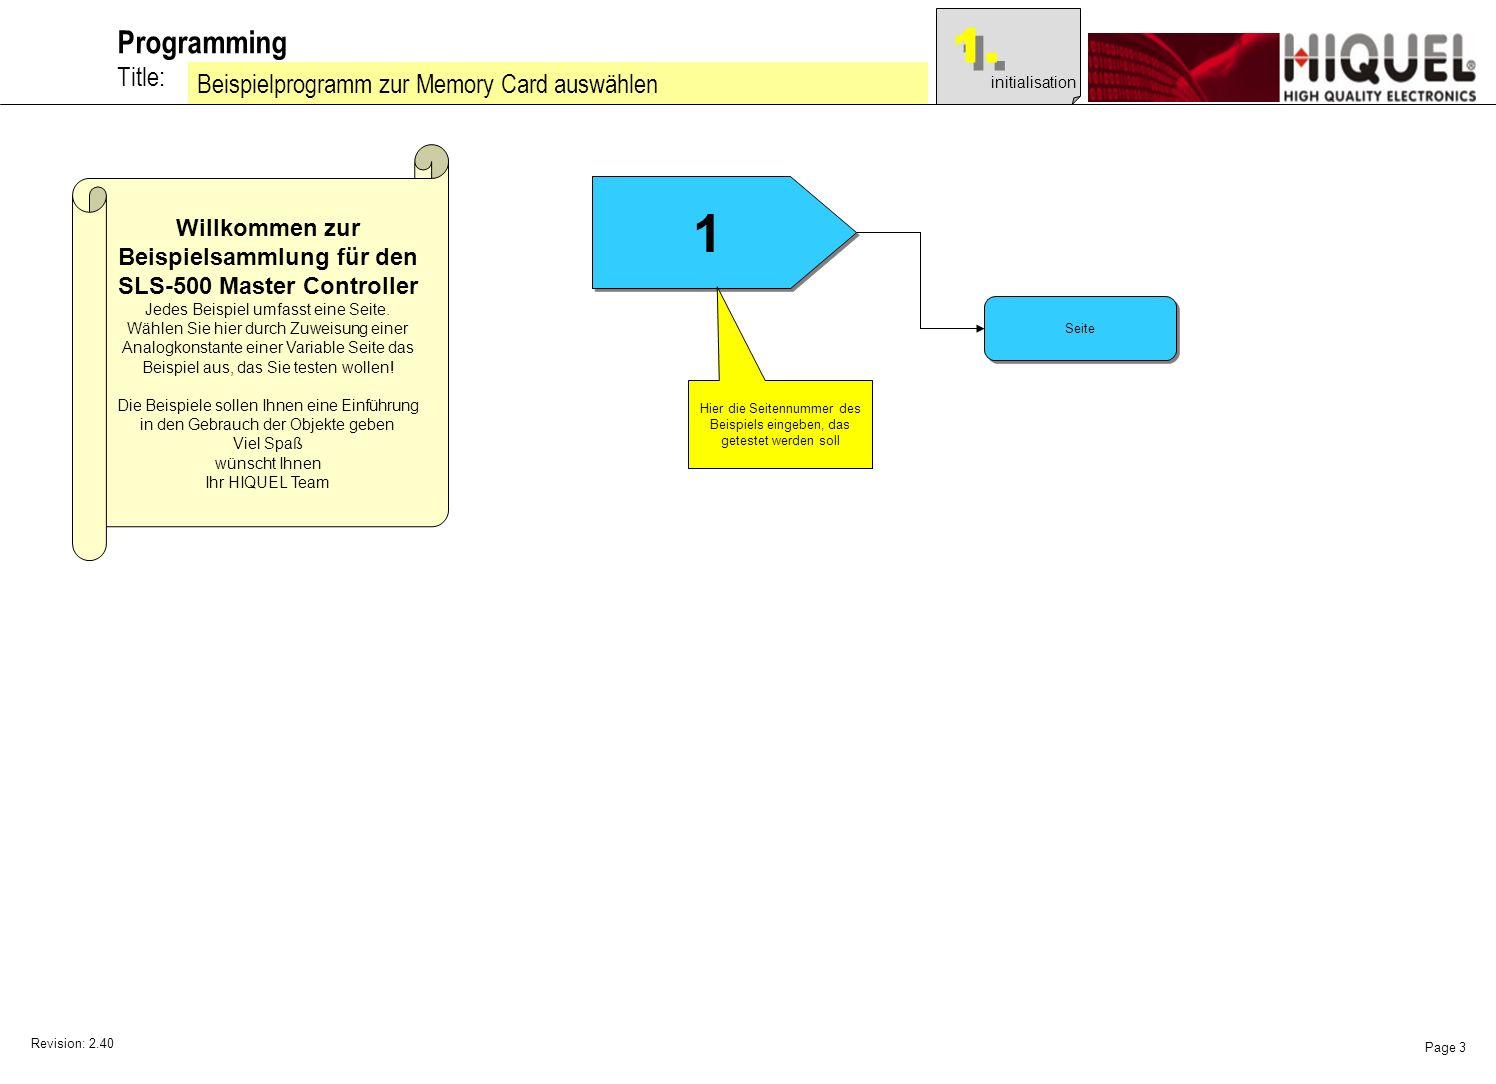 Revision: 2.40 Page 3 Title: Programming Beispielprogramm zur Memory Card auswählen Willkommen zur Beispielsammlung für den SLS-500 Master Controller Jedes Beispiel umfasst eine Seite.